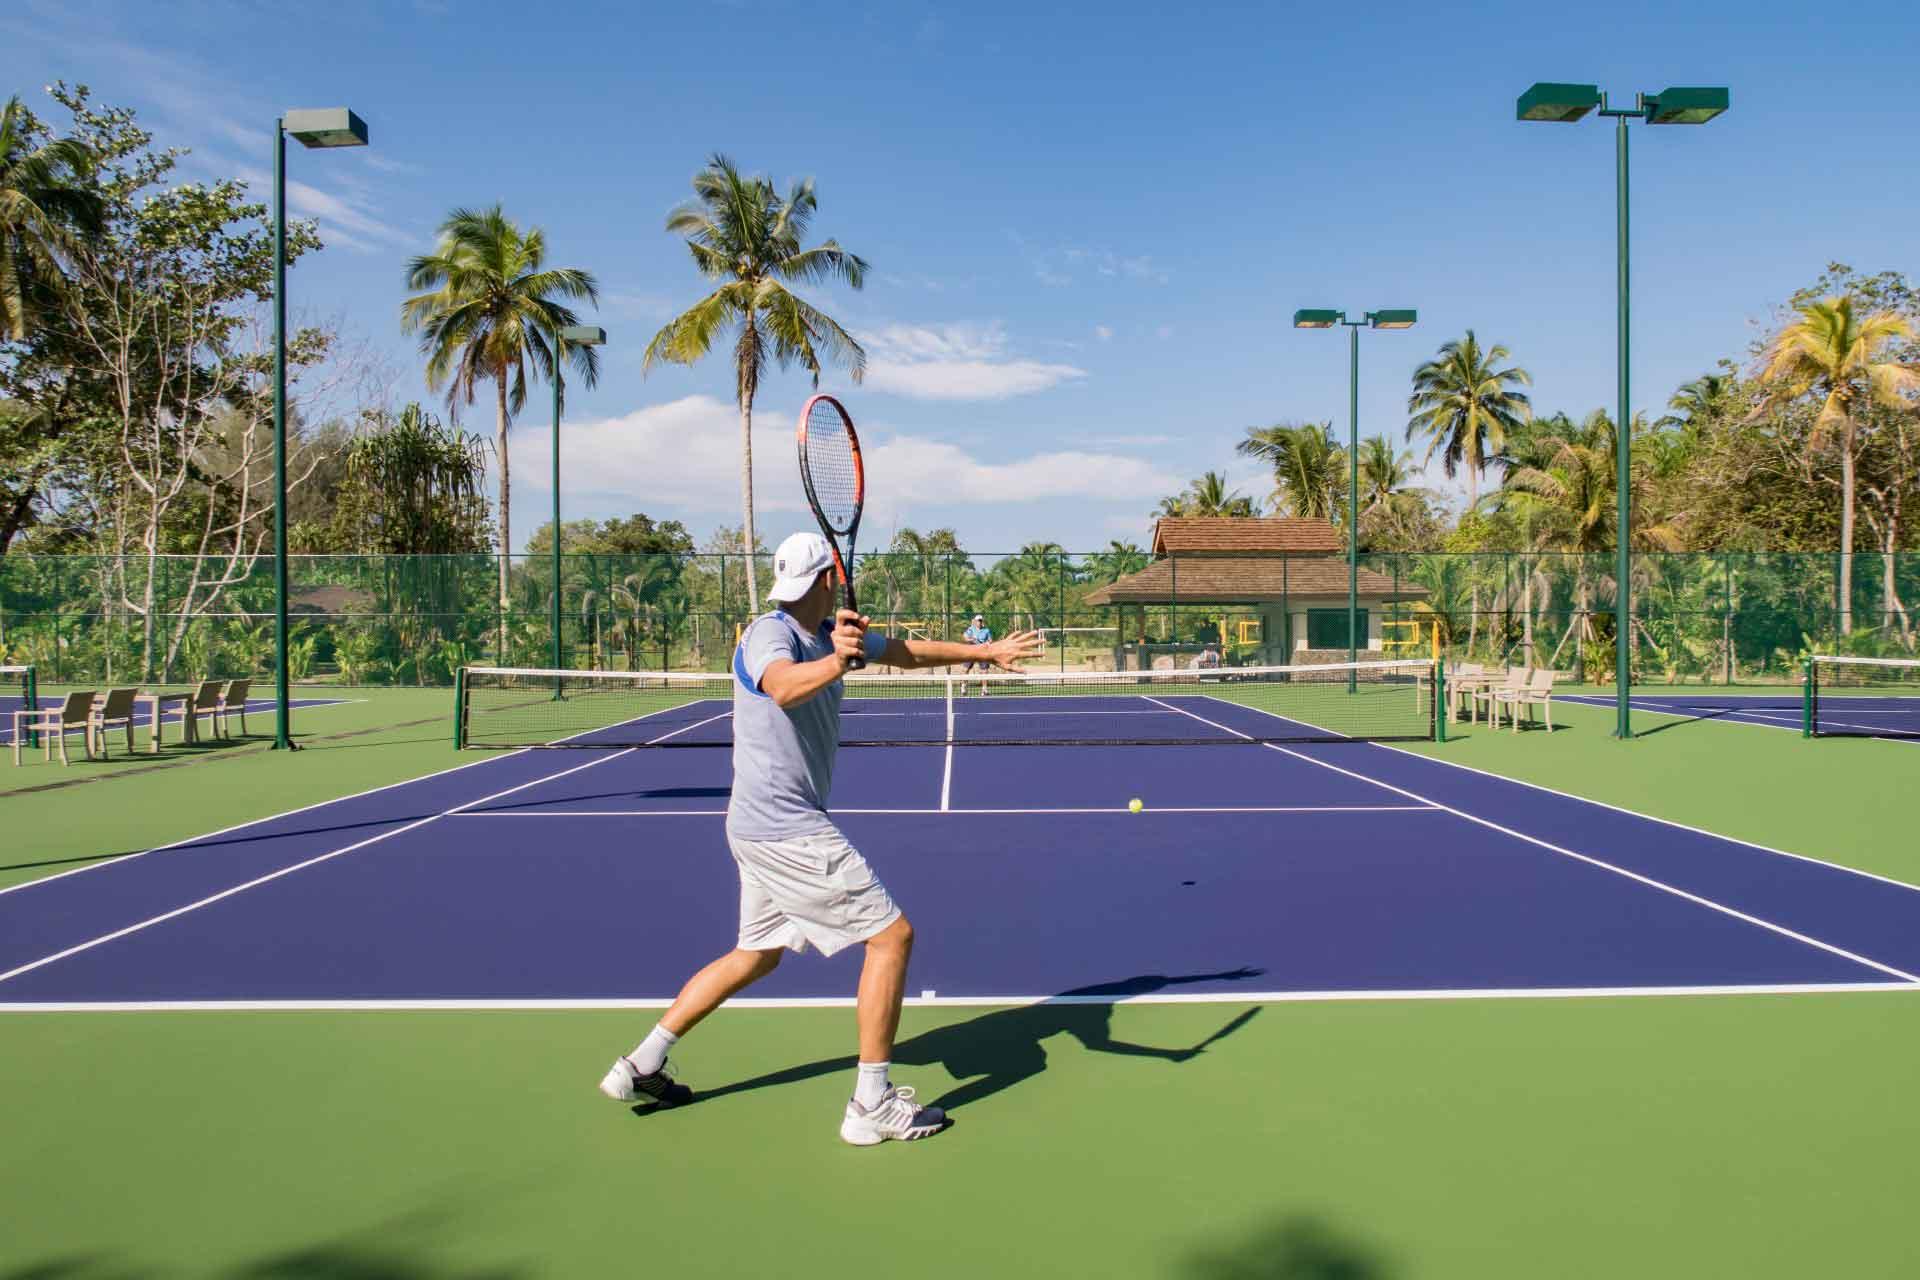 ROBINSON CLUB KHAO LAK -Tennis